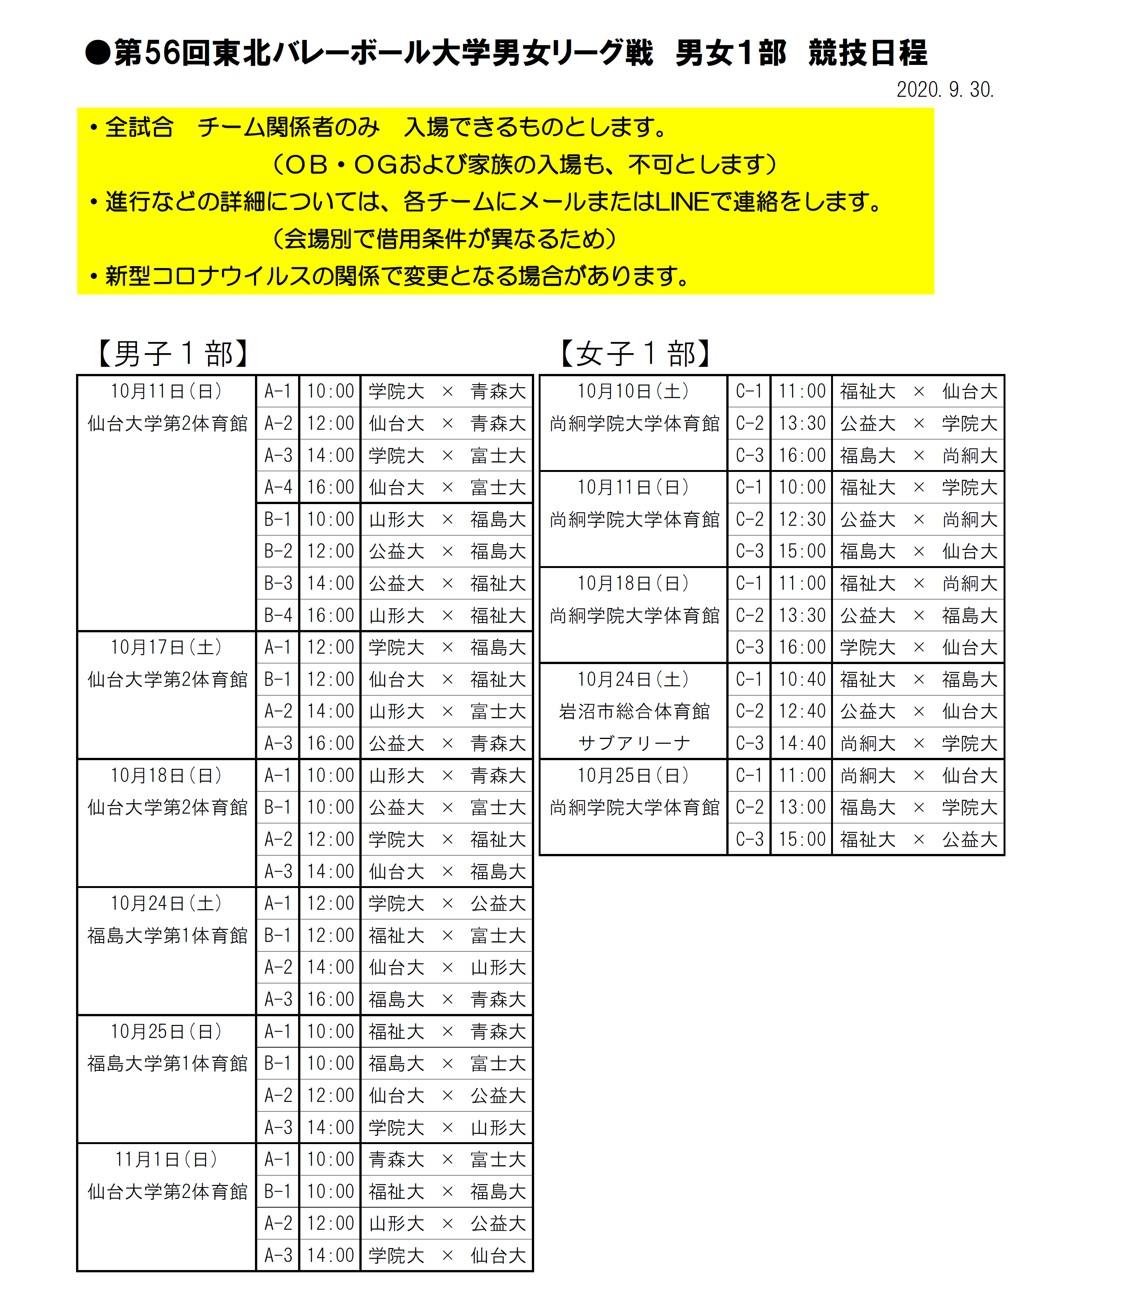 2020年度_東北大学バレーボール_秋季リーグ_男女1部_組合せ